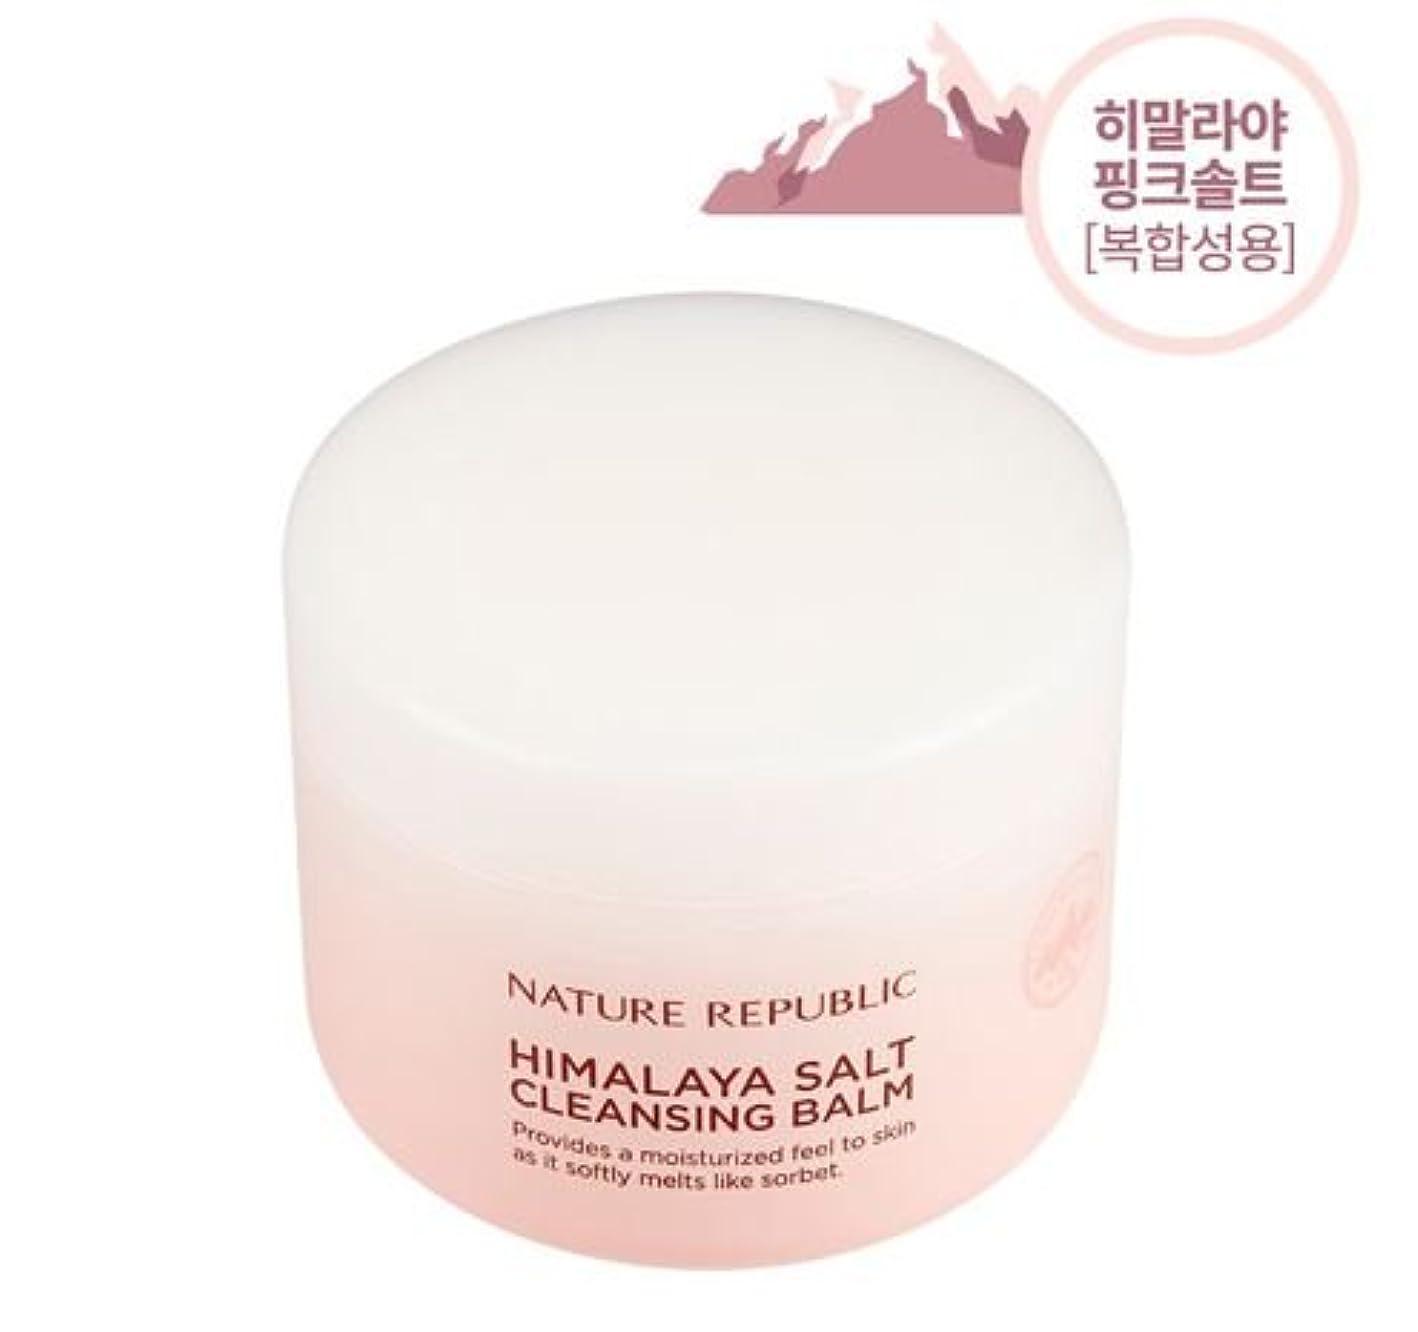 段落トランクライブラリ処分したHimalaya salt cleansing balm (PINK SALT)ヒマラヤソルトクレンジングバーム(pink salt) [並行輸入品]